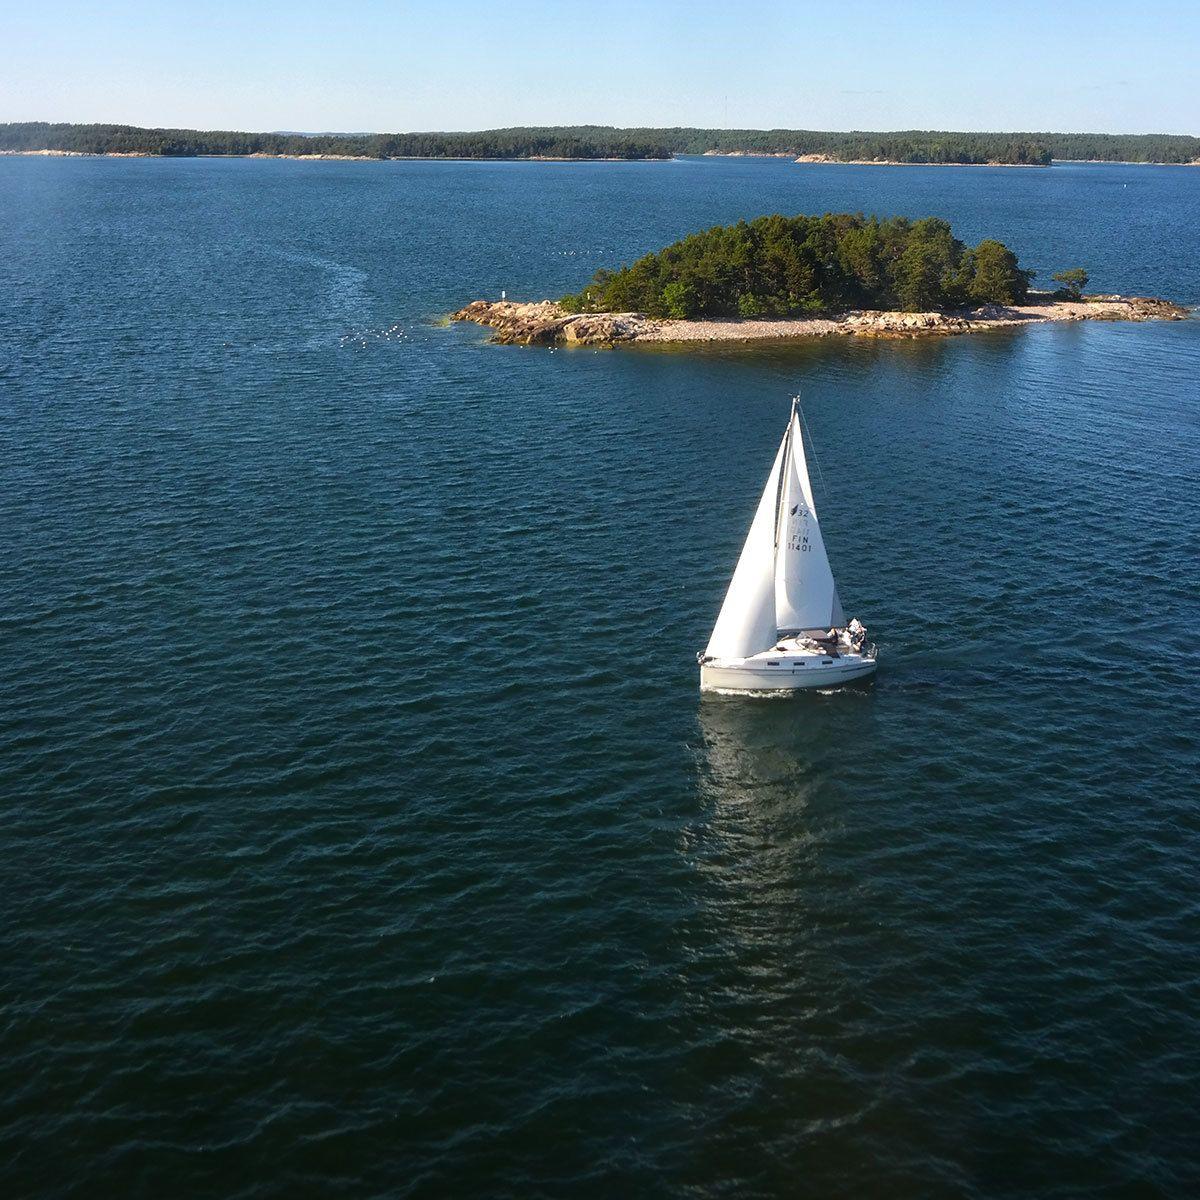 sailing-in-turku-archipelago-in-finland